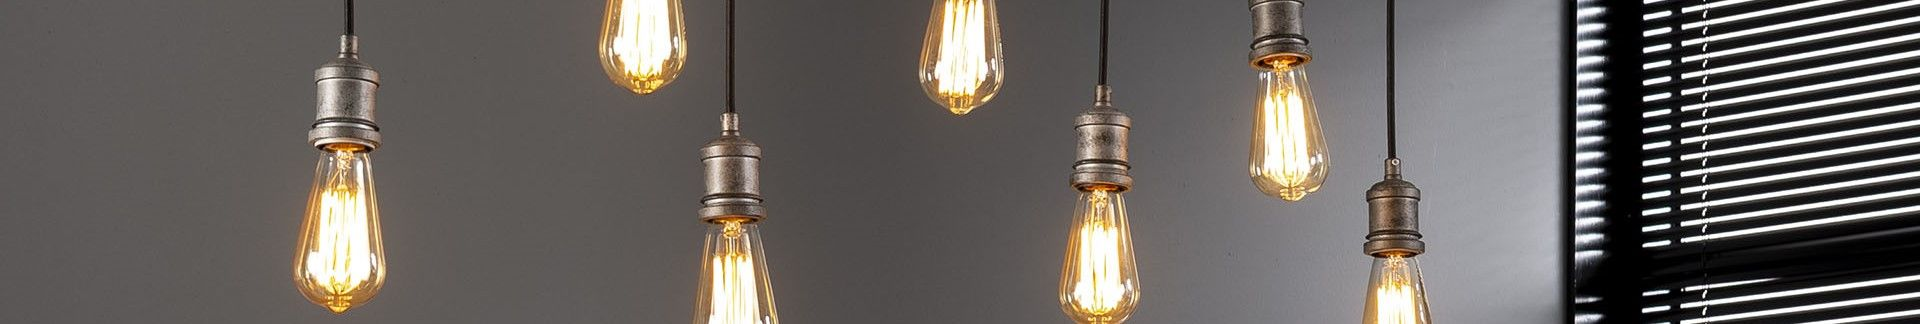 Robuuste hanglampen kopen? Tips voor industriële hanglampen